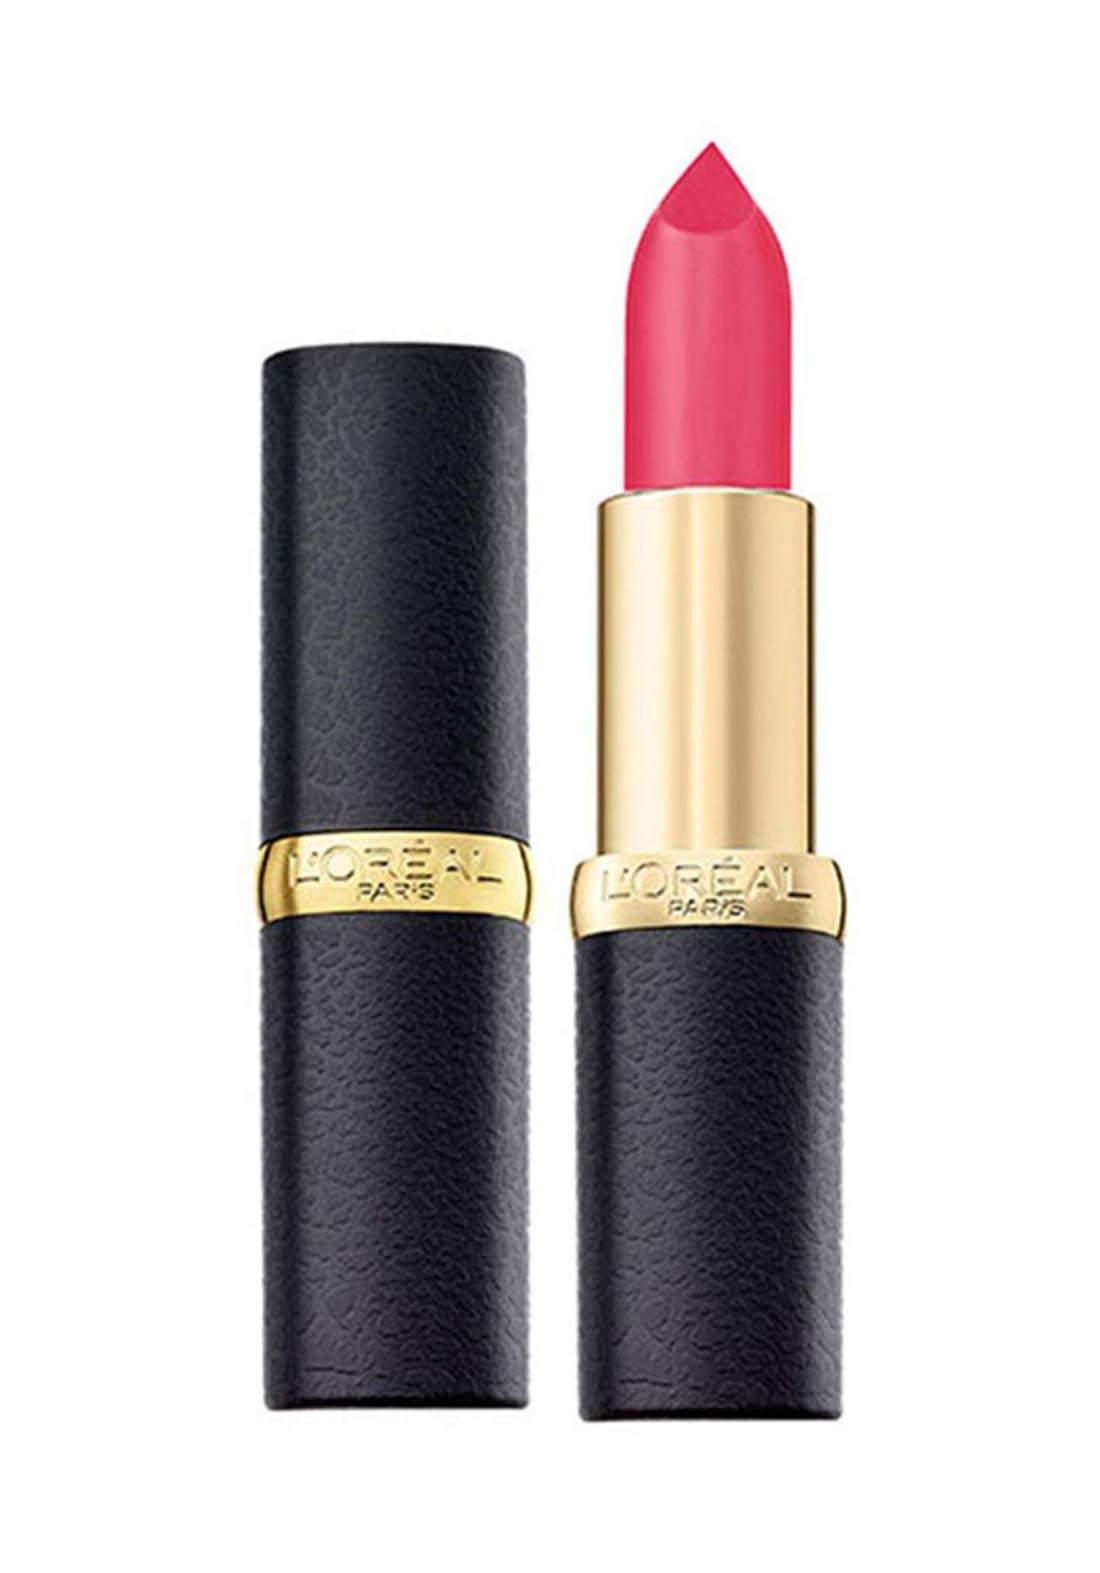 L'Oréal Paris Color Riche Matte Lipstick 101 Candy Stiletto (027-0853) احمر شفاه